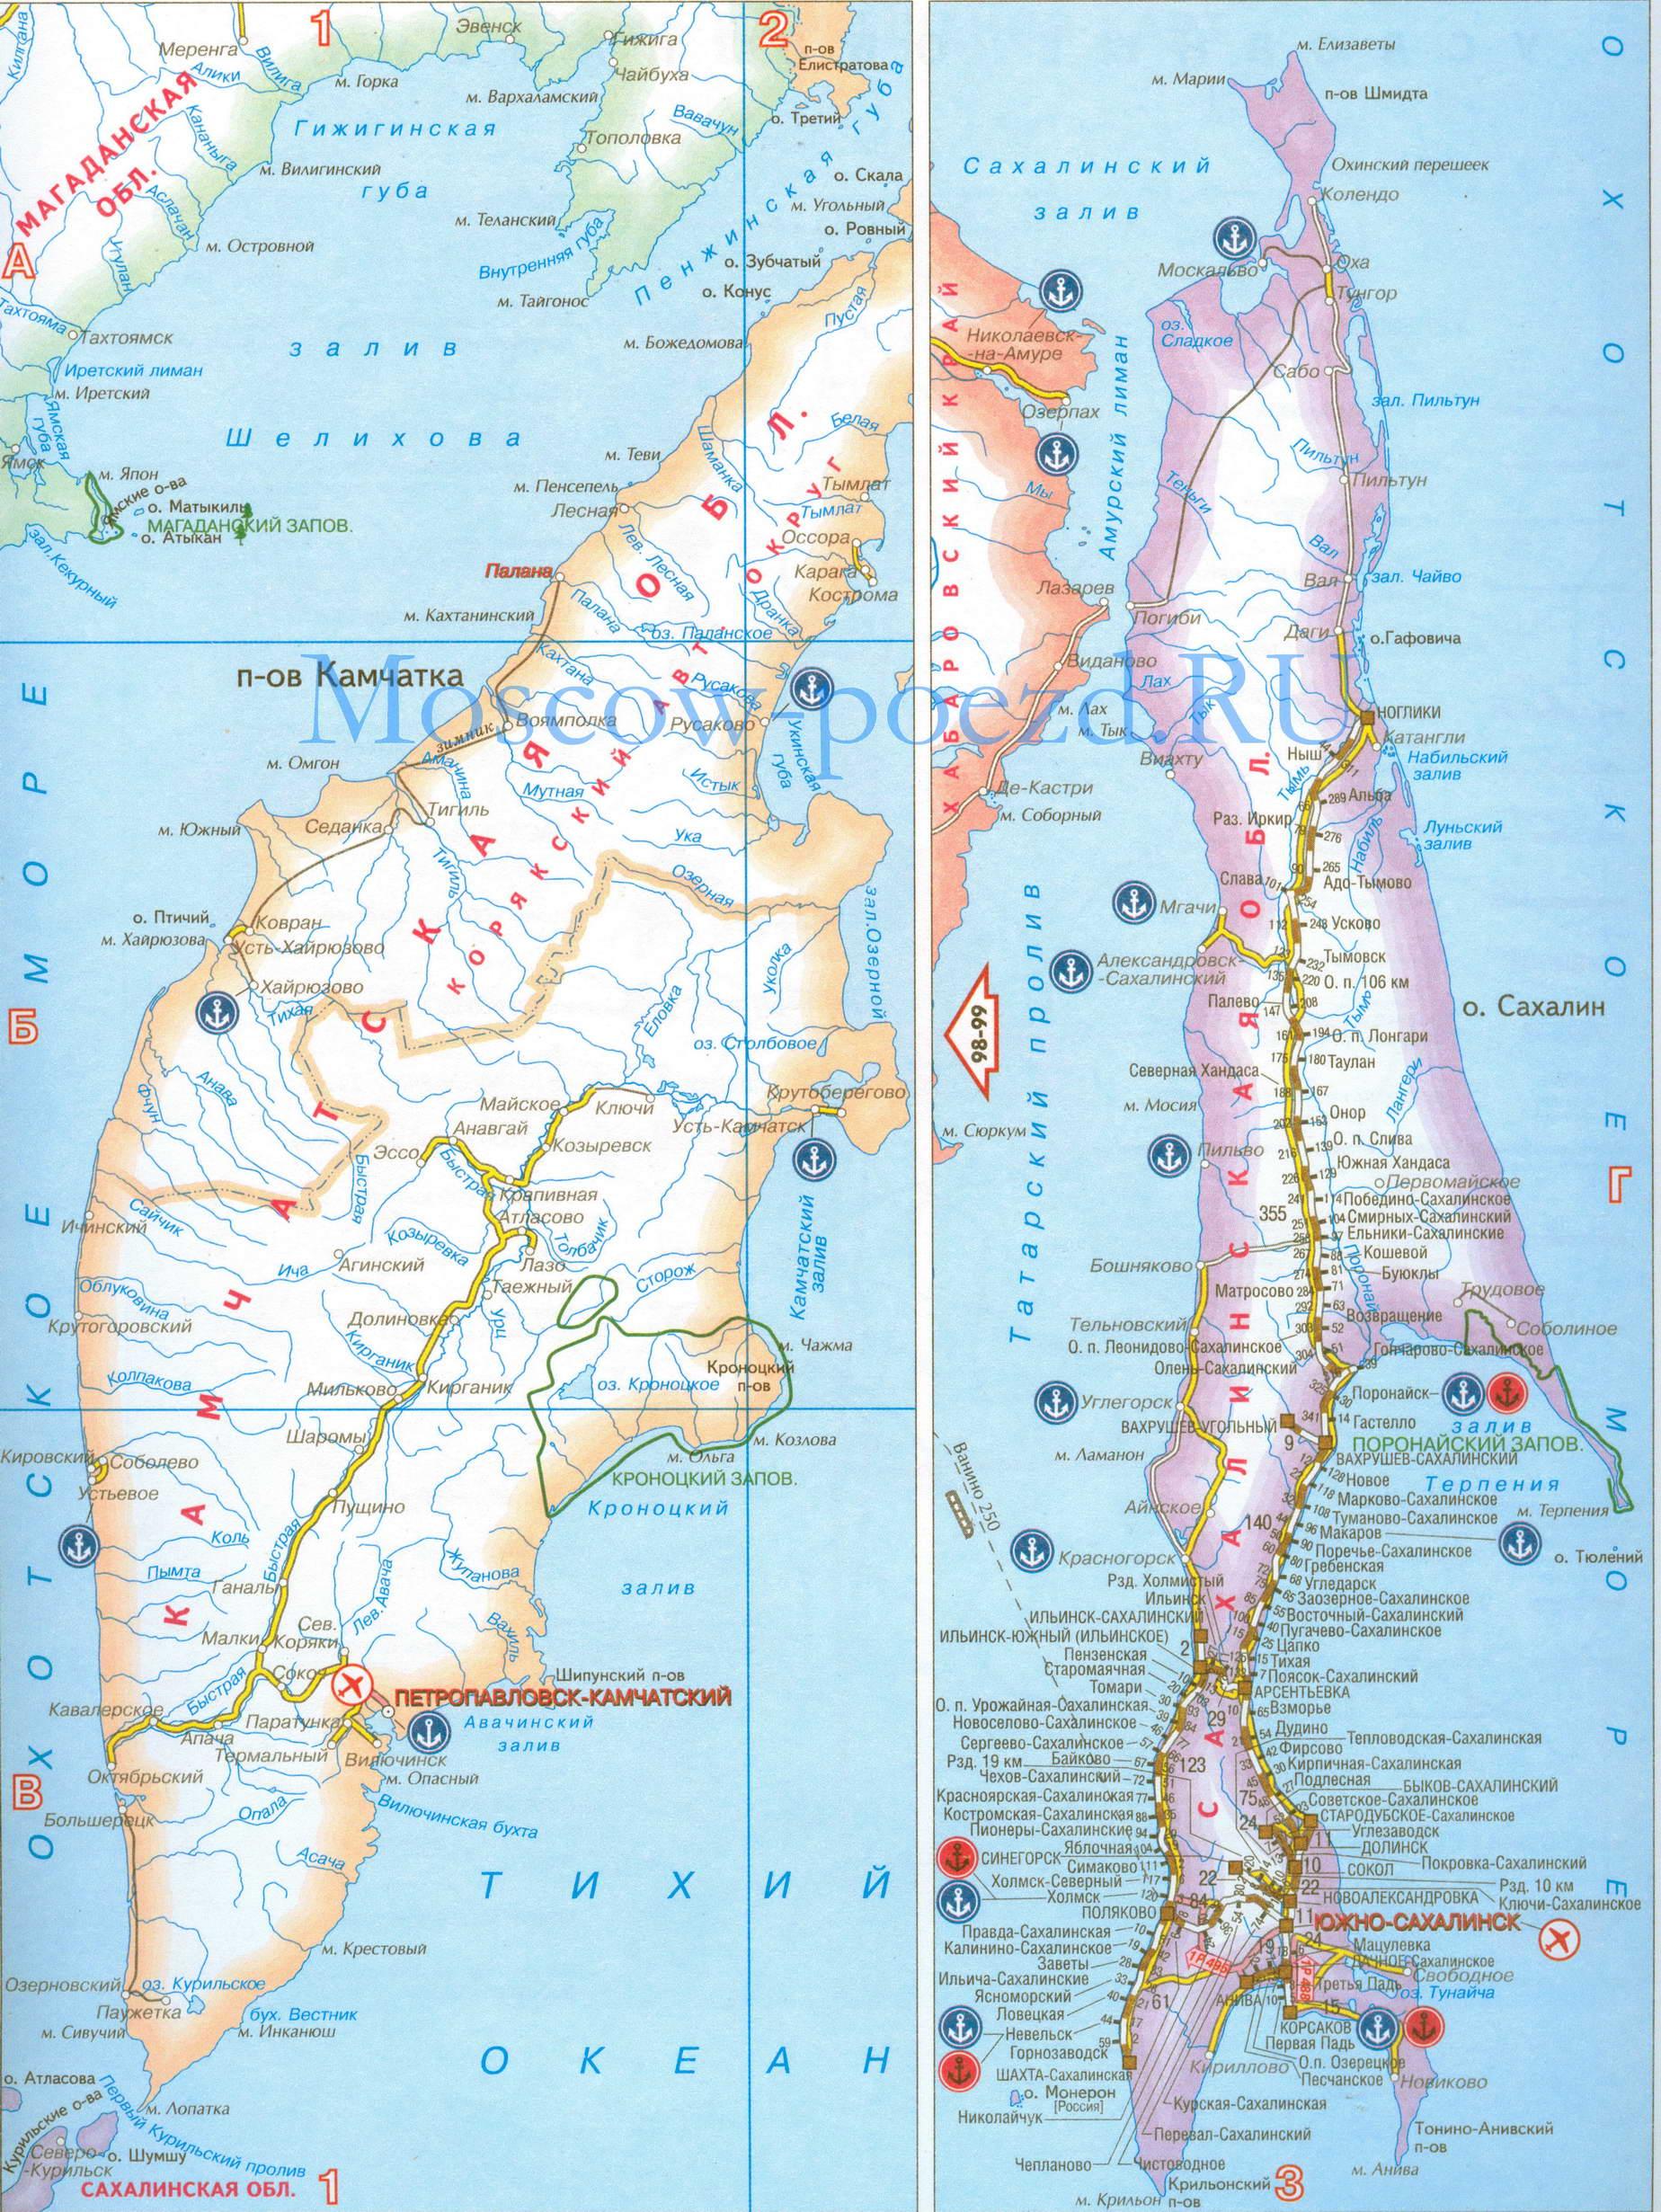 Карта Рф. Карта Сахалина и Камчатки. фото. Полуостров Камчатка. Остров Сахалин.